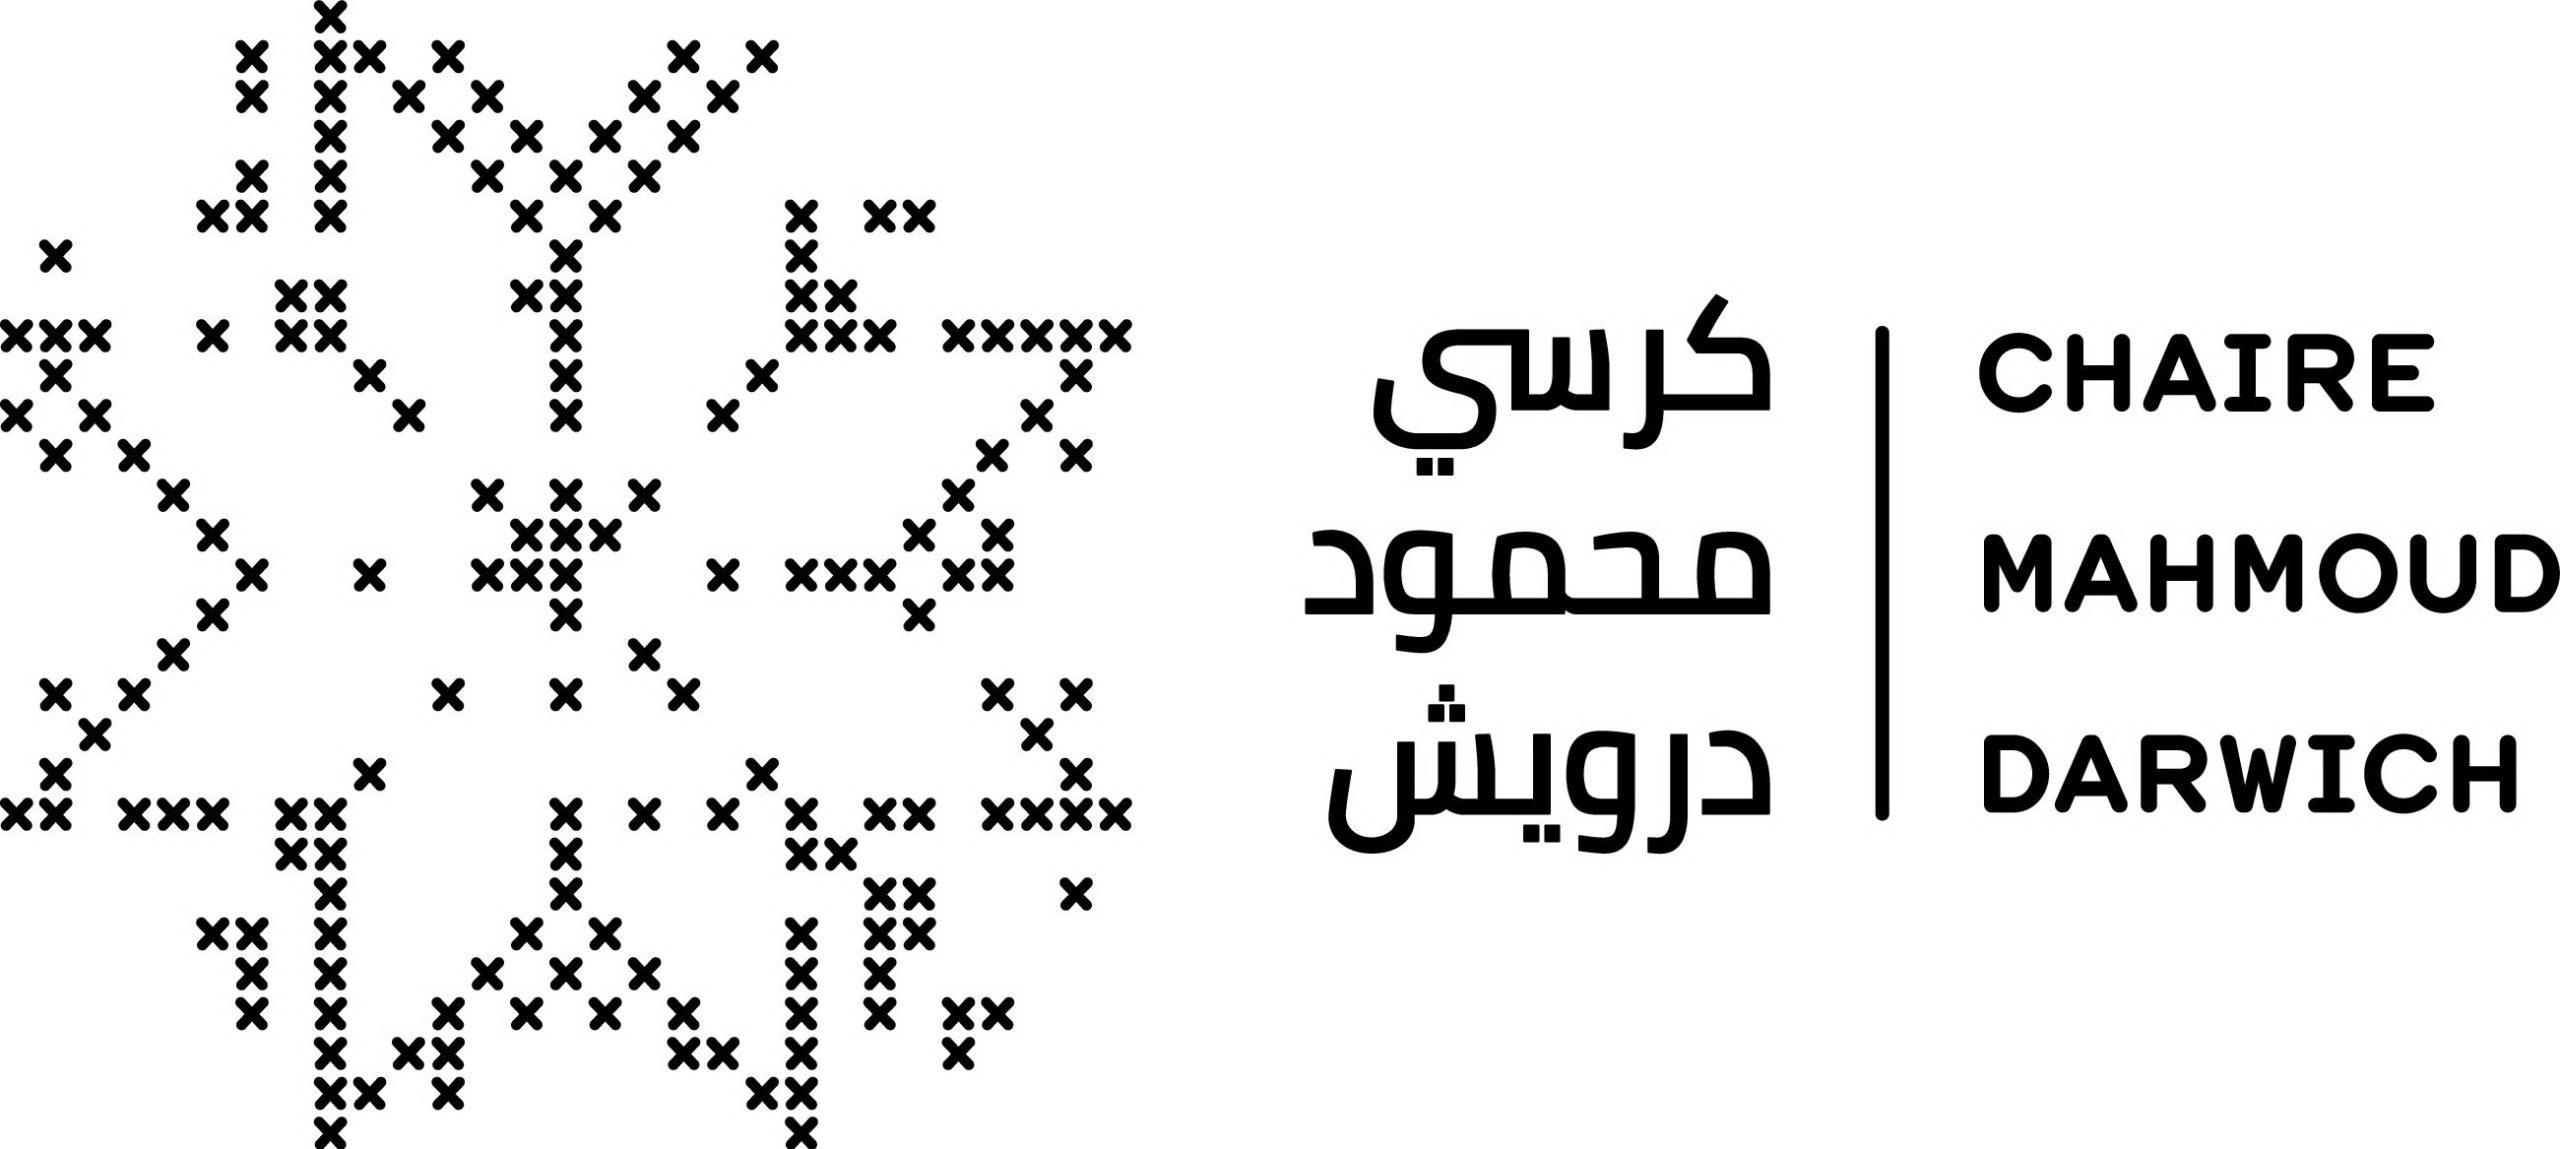 Mahmoud Darwish Chair (high res)